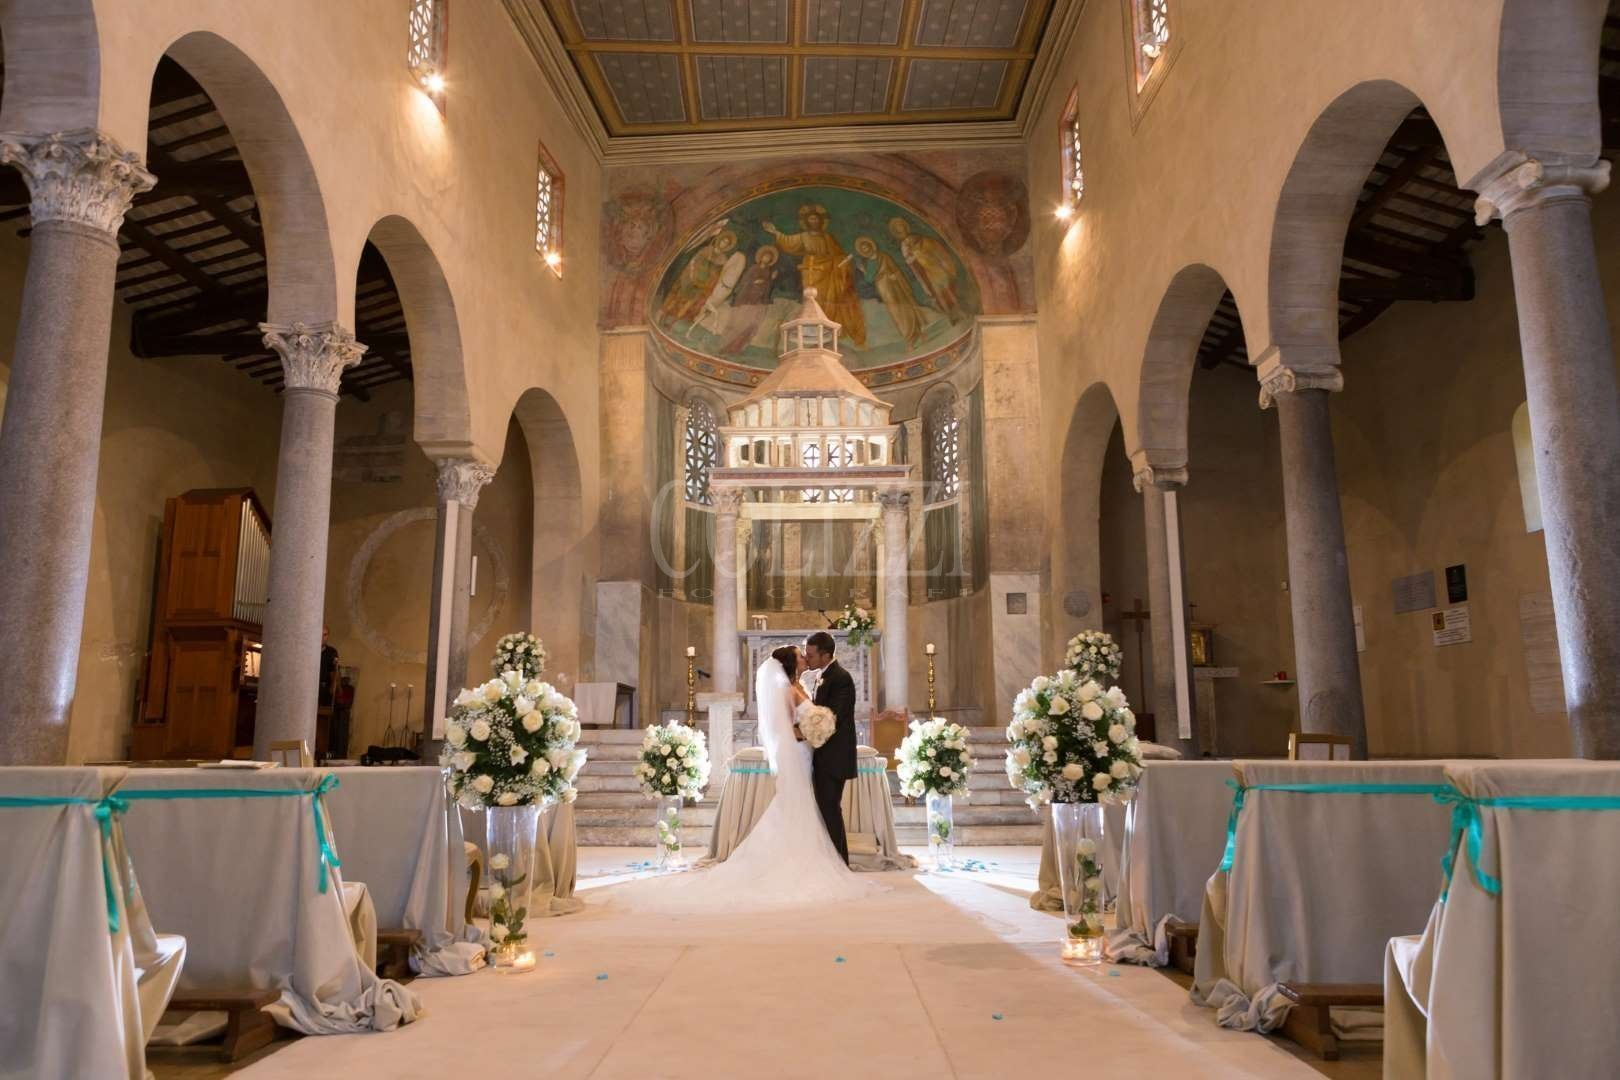 San Giorgio in Velabro - Studio Fotografico Colizzi Roma